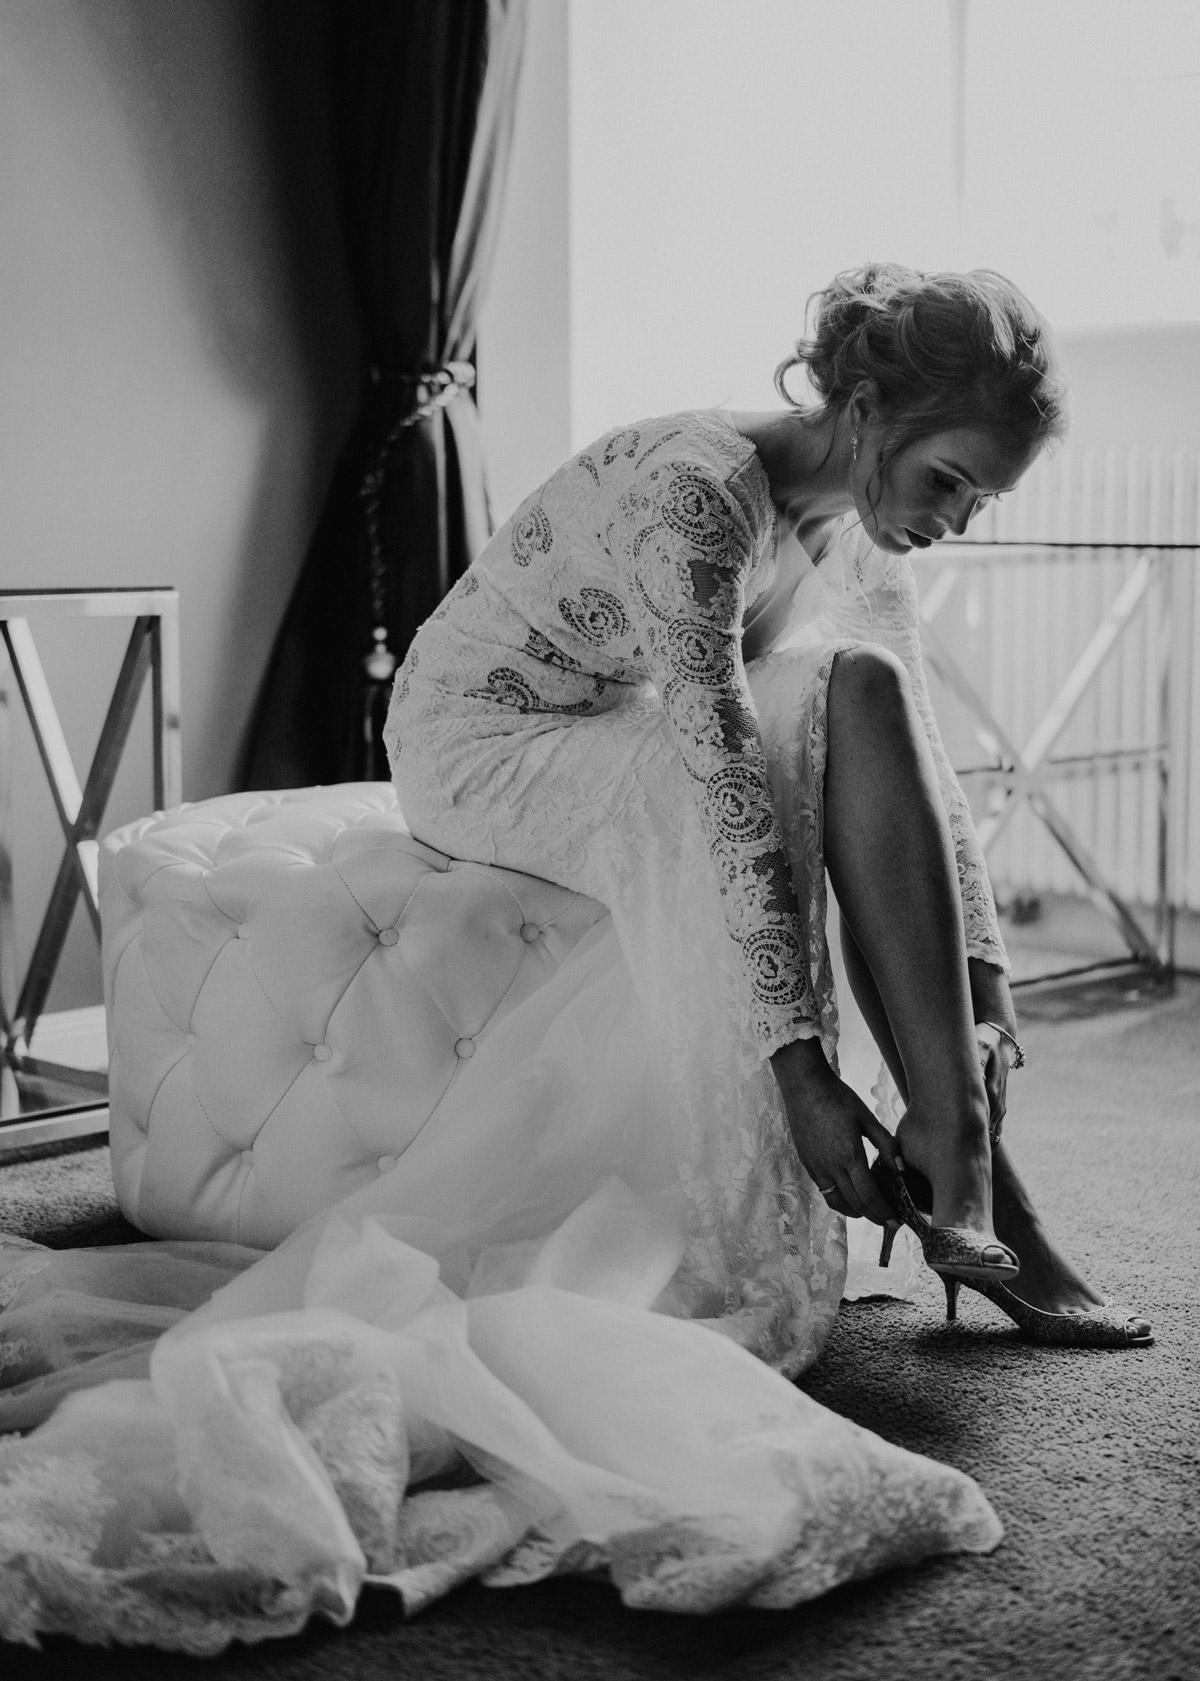 Olvis Spitzen-Brautkleid mit langer Schleppe - Schloss Kartzow Hochzeitsfotograf © www.hochzeitslicht.de